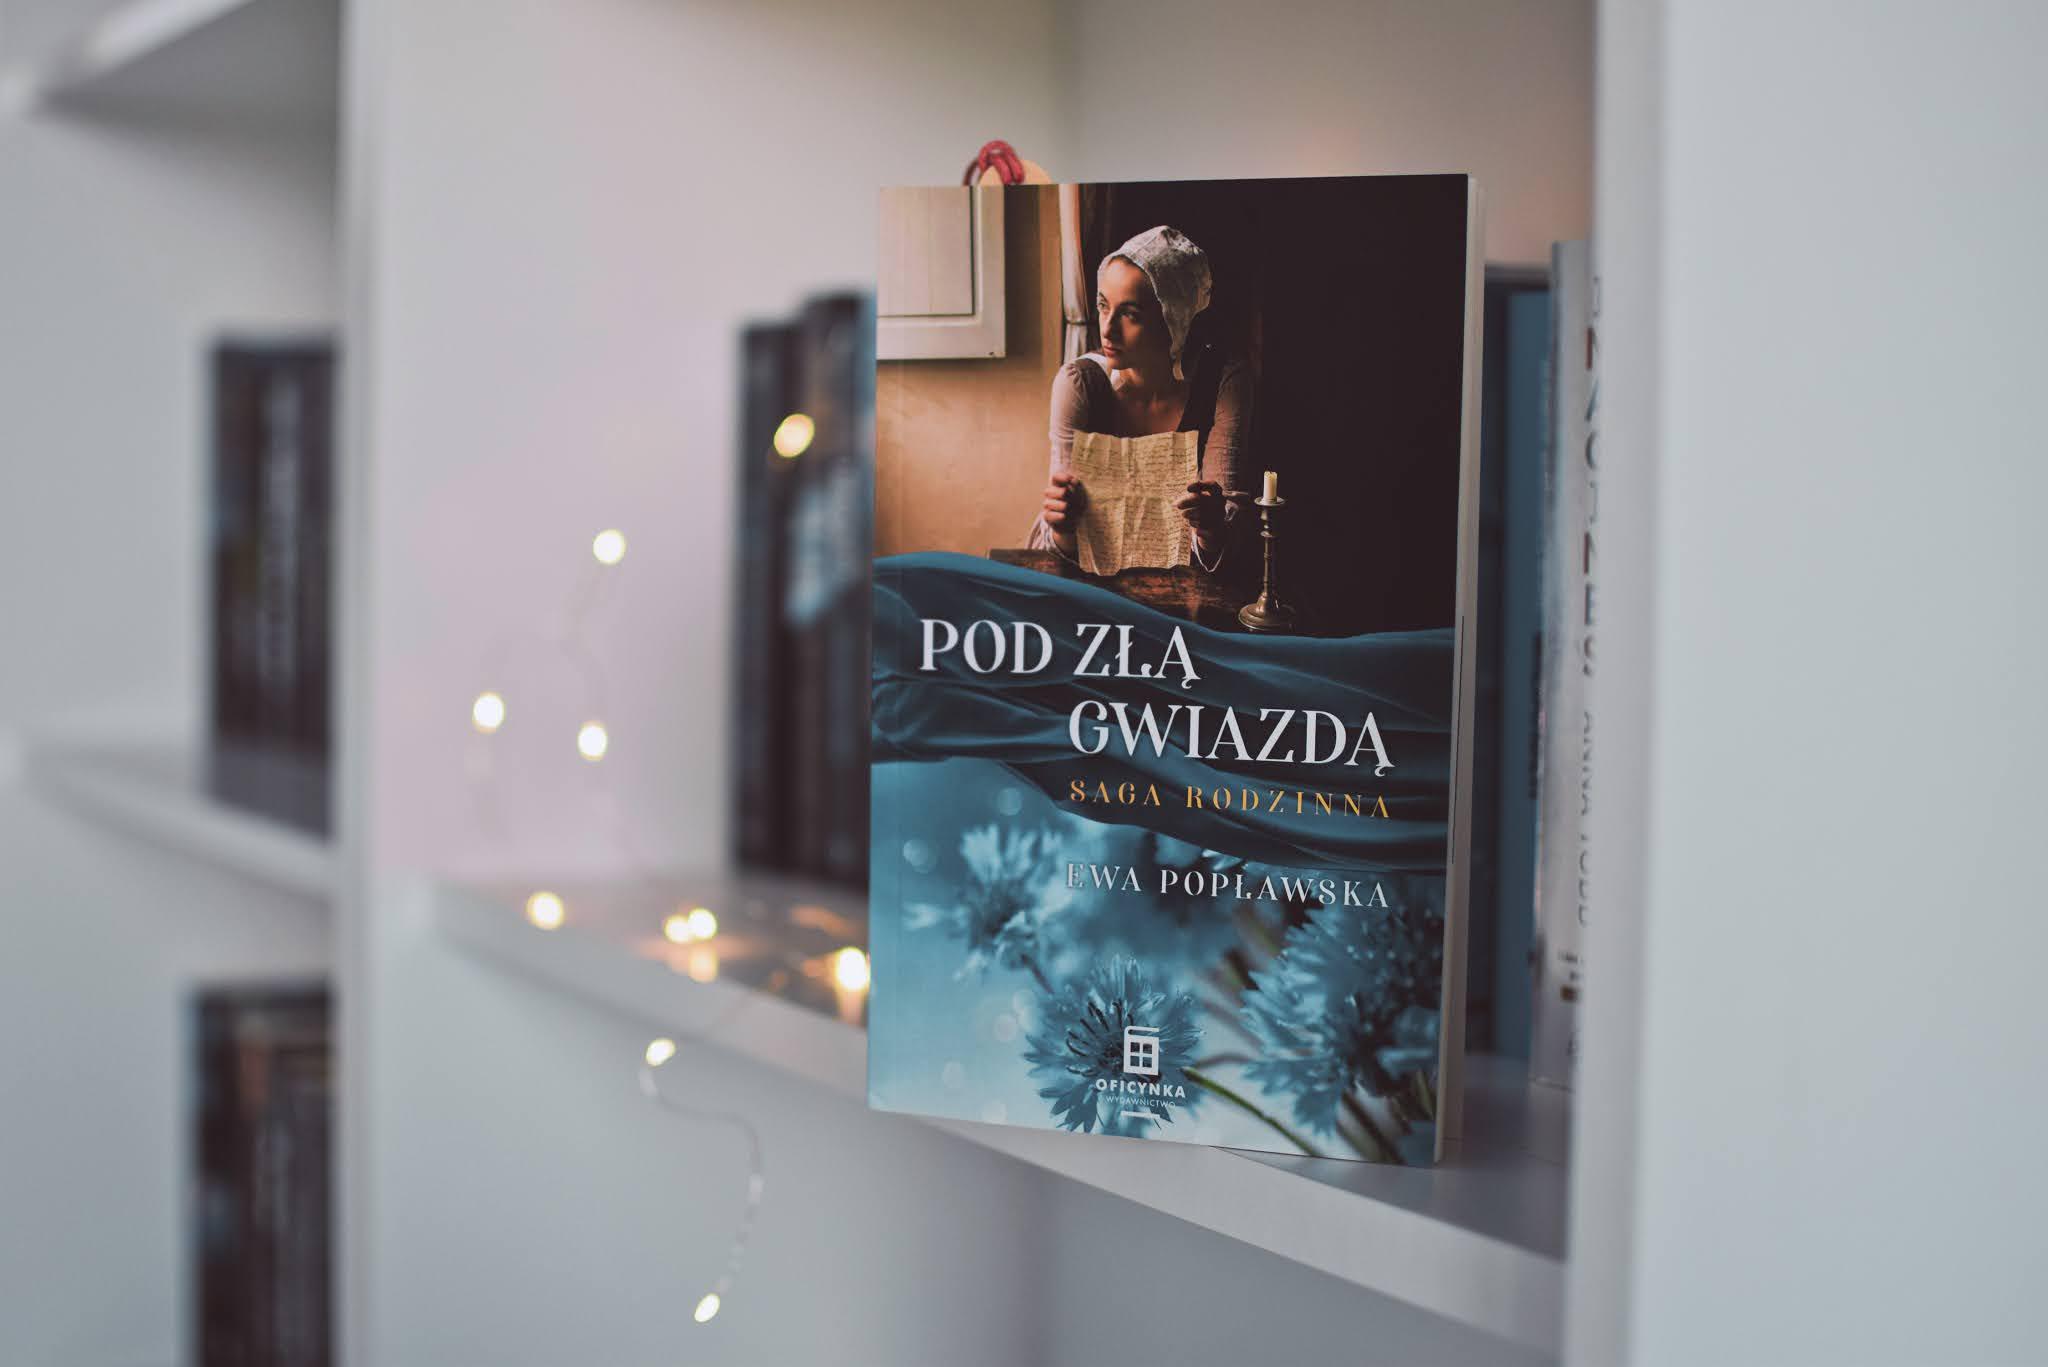 powieśćhistoryczna,opowiadanie,recenzja,EwaPopławska, PodZłąGwiazdą, sagarodzinna, rodzinaSobótków,WydawnictwoOficynka,Łódź,